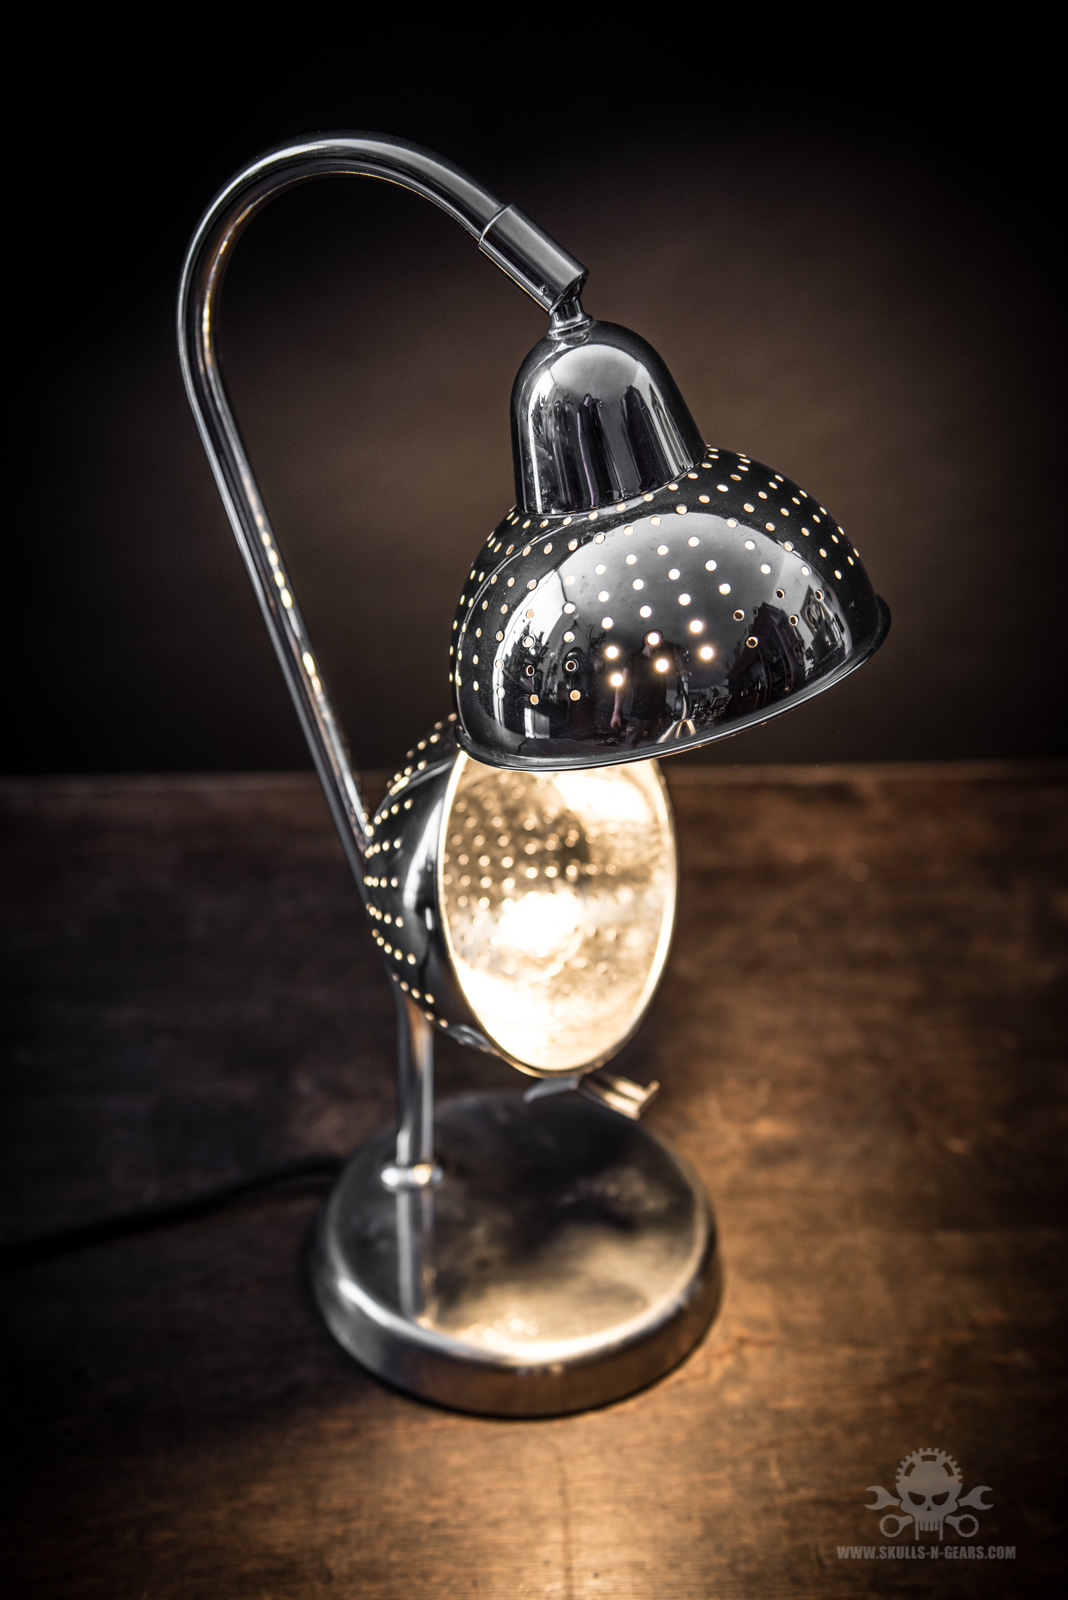 Kugellampe [020030033]